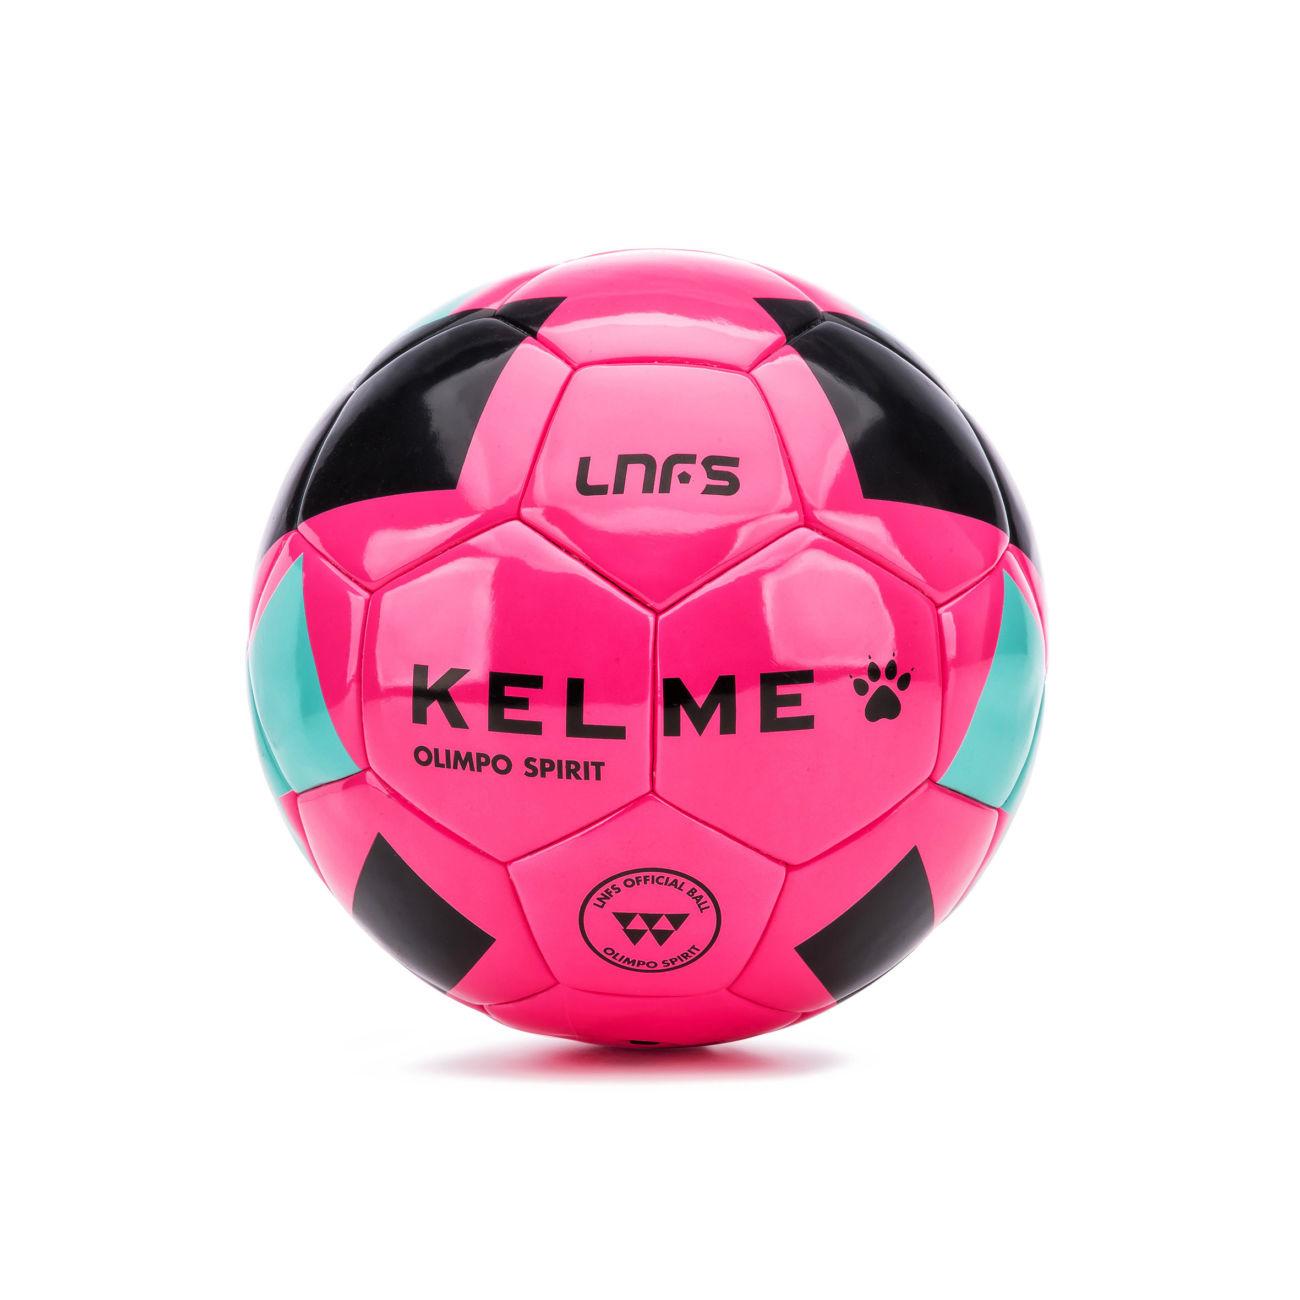 d73f65d7b3c5d Kelme pone en juego los nuevos balones de la LNFS